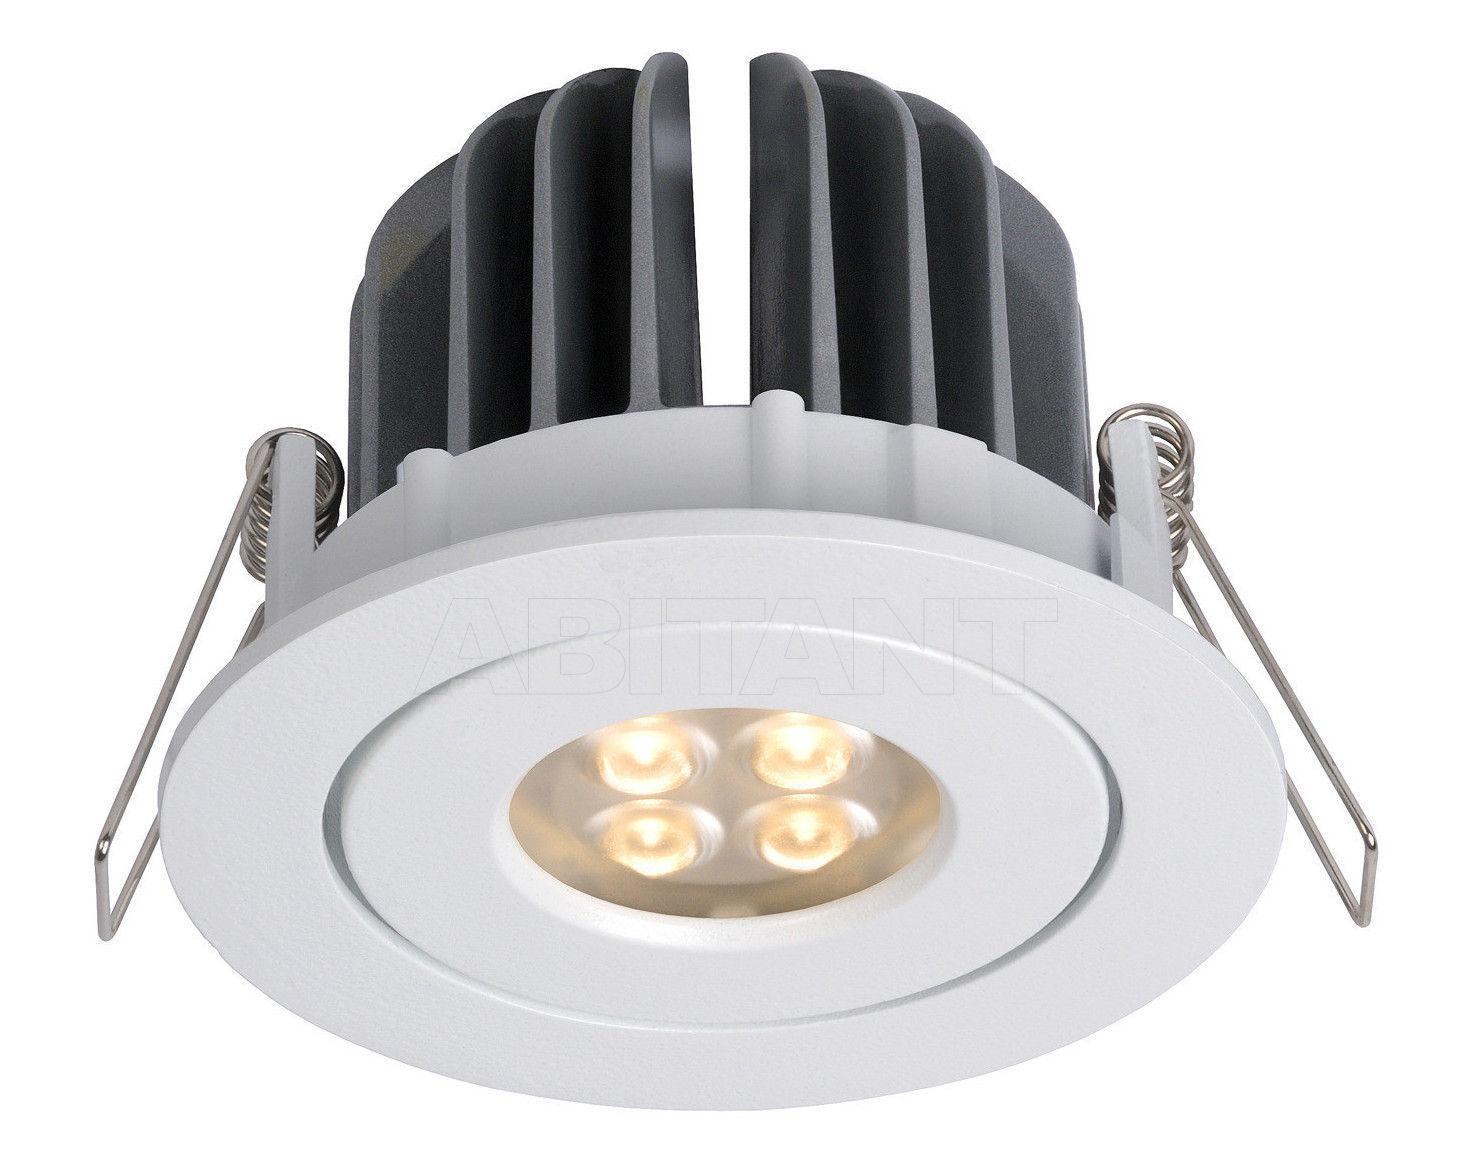 Купить Встраиваемый светильник MAXI LED Lucide  Technical 22905/14/31